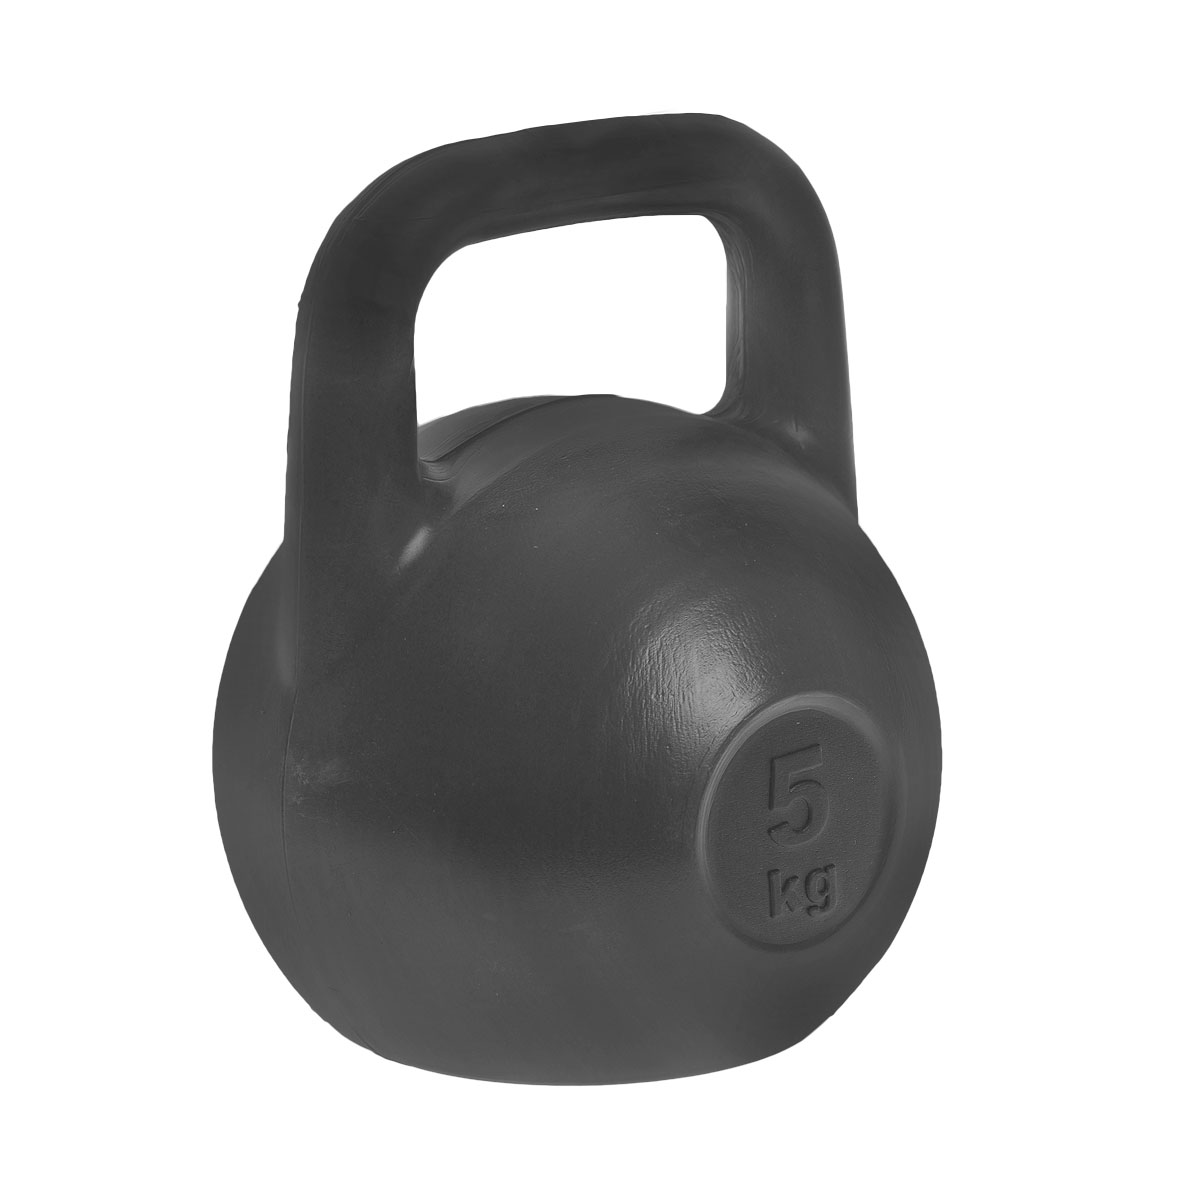 Гиря Евро-Классик, цвет: черный, 5 кг гиря цельнолитая 16 кг